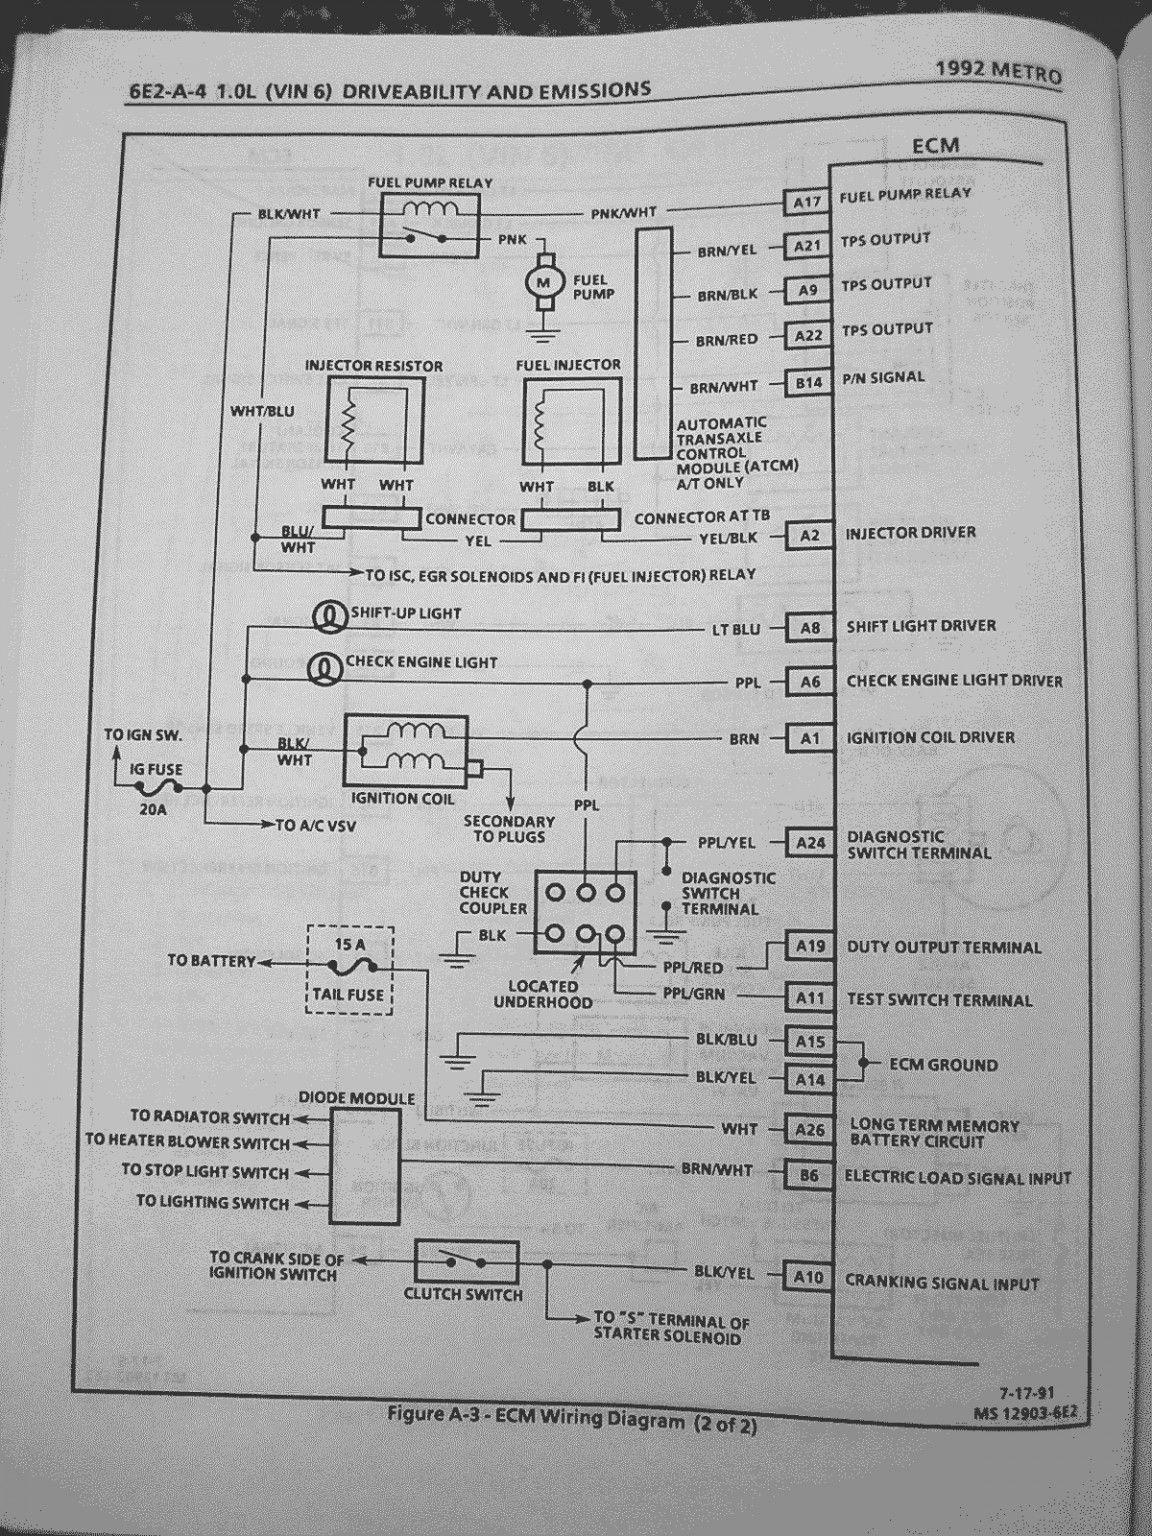 peugeot 206 wiring diagram owners manual brilliant [ 1152 x 1536 Pixel ]